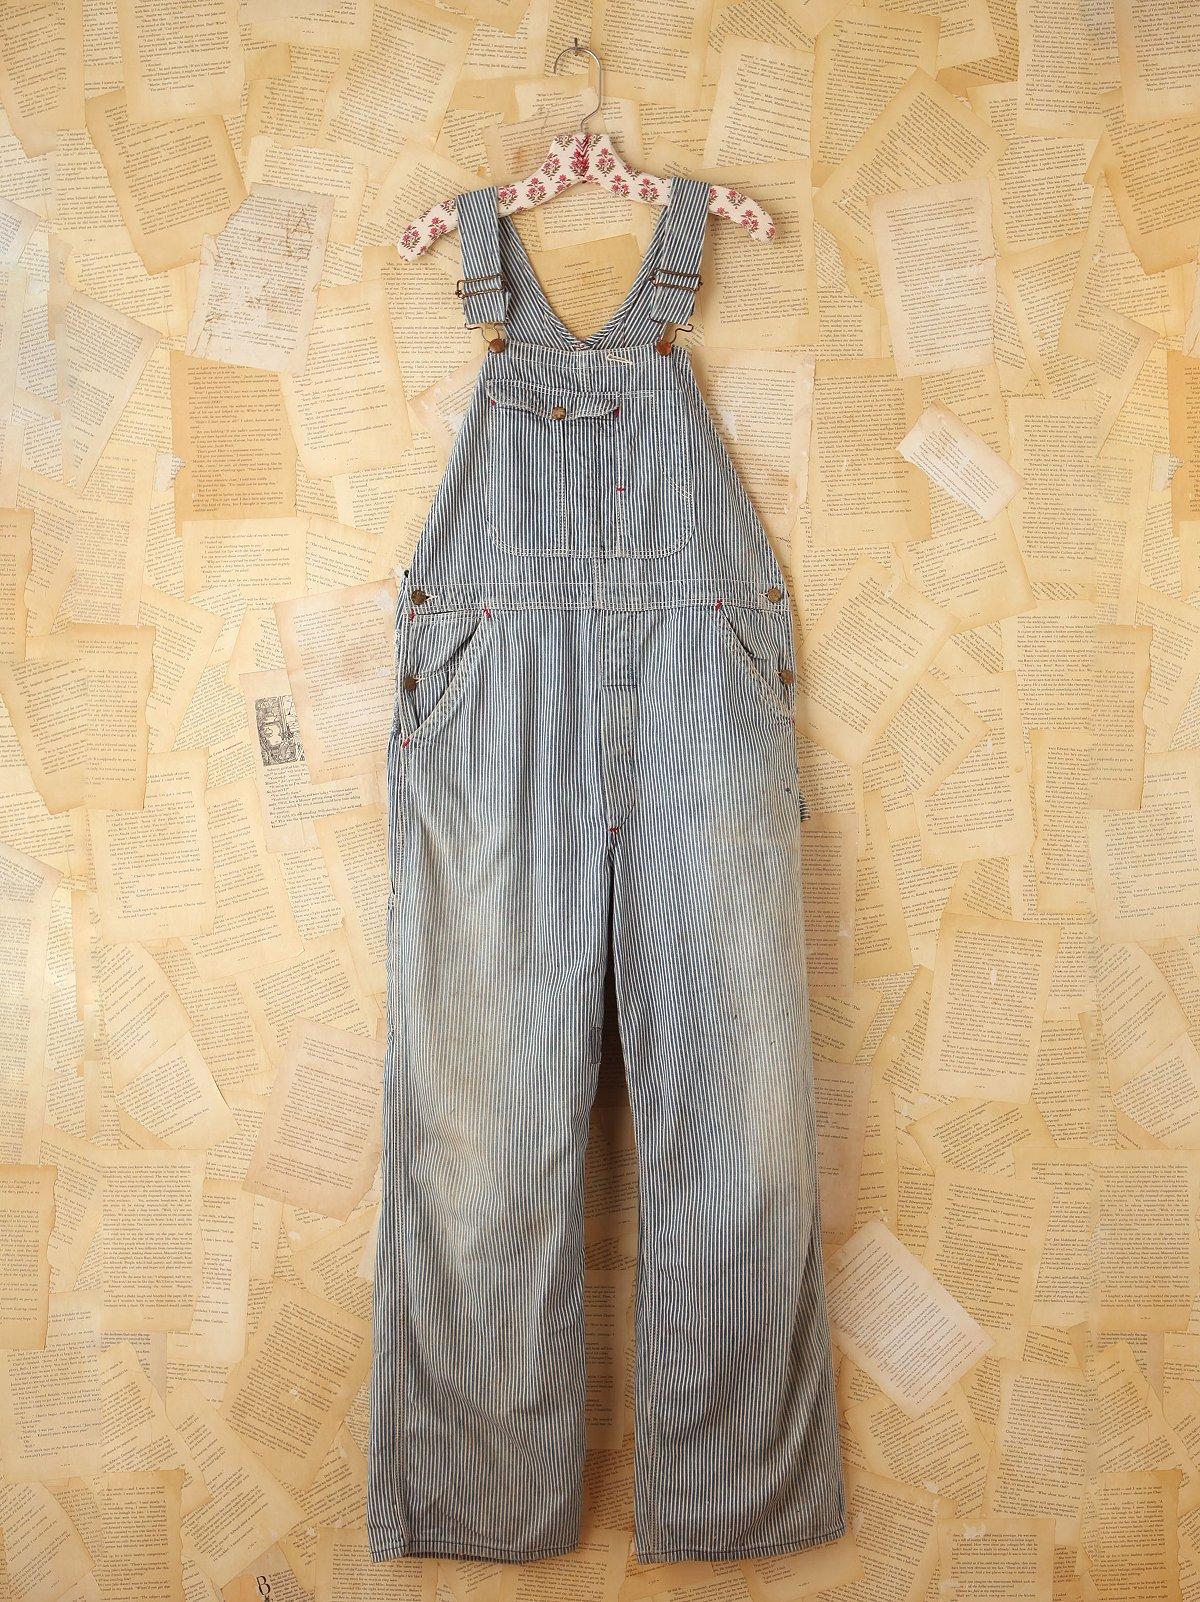 Vintage Striped Denim Overalls